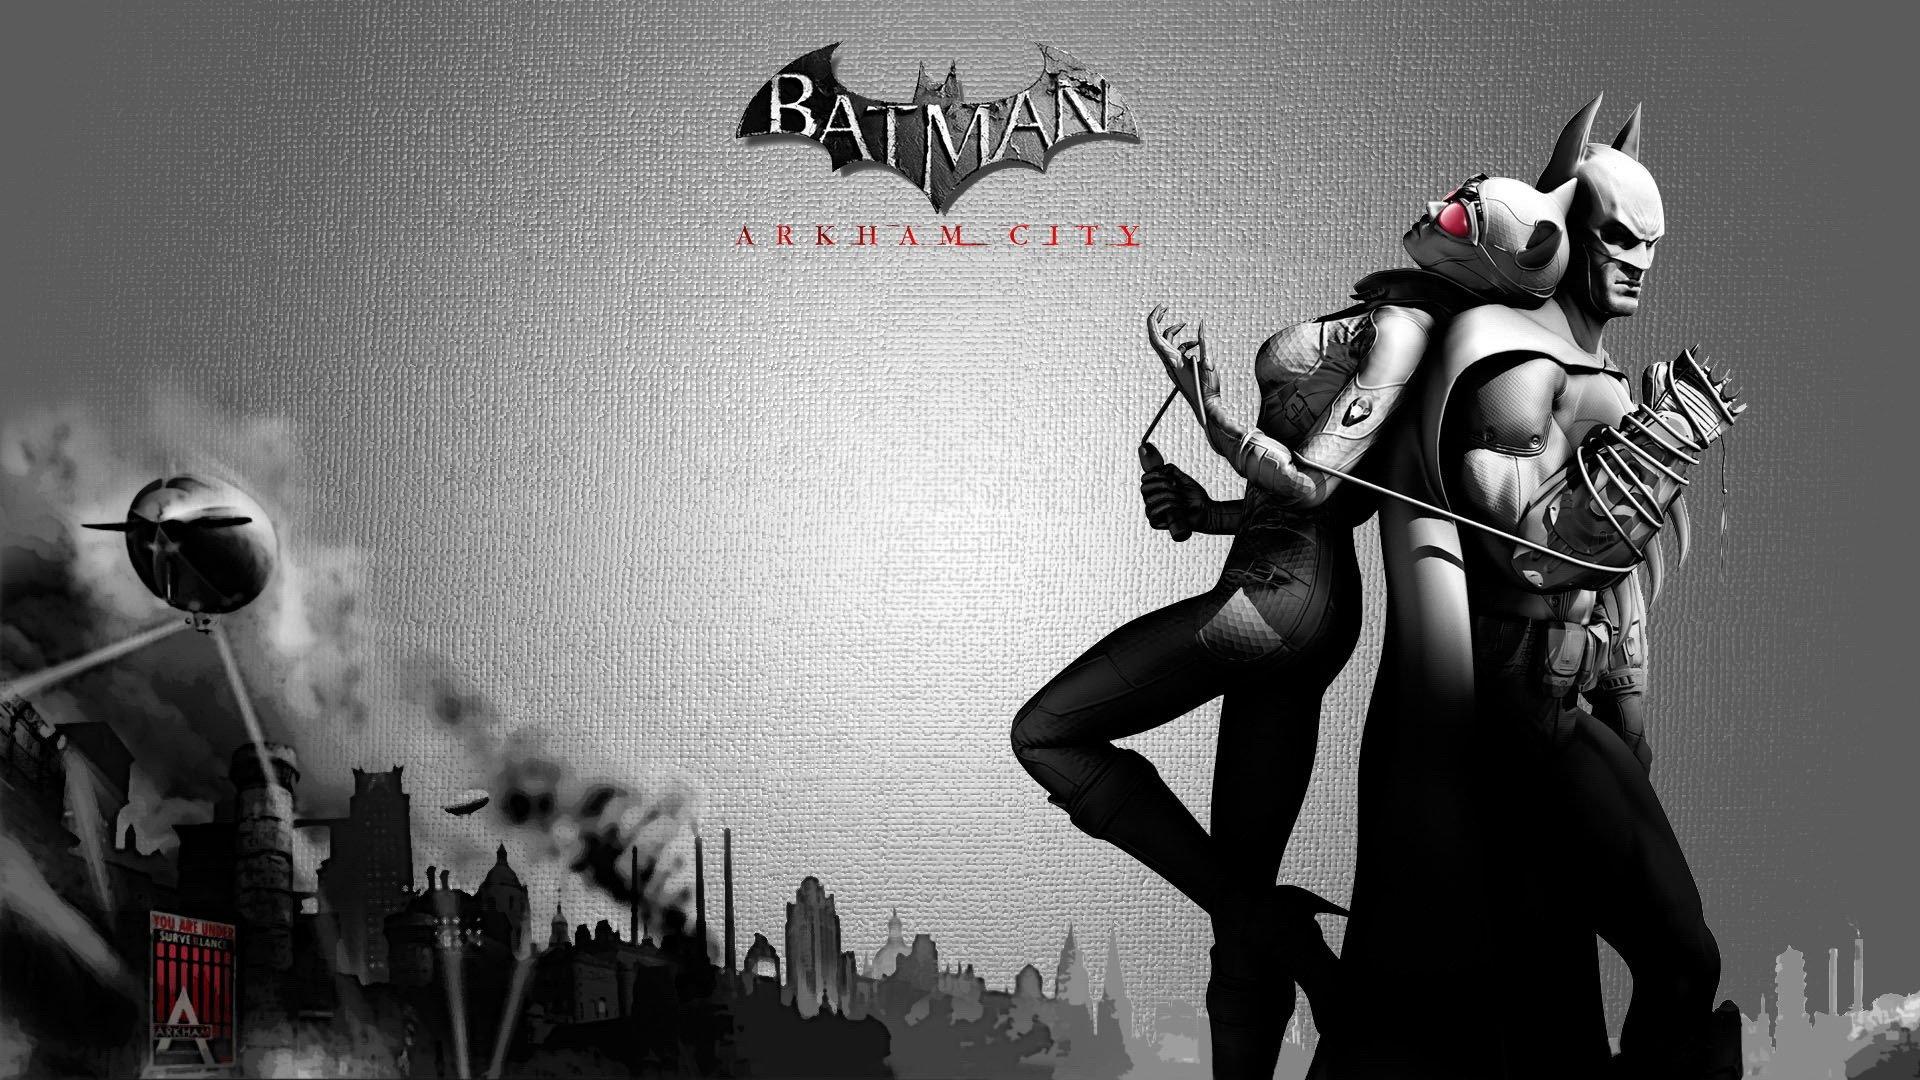 Batman   Arkham City wallpaper 14046 1920x1080